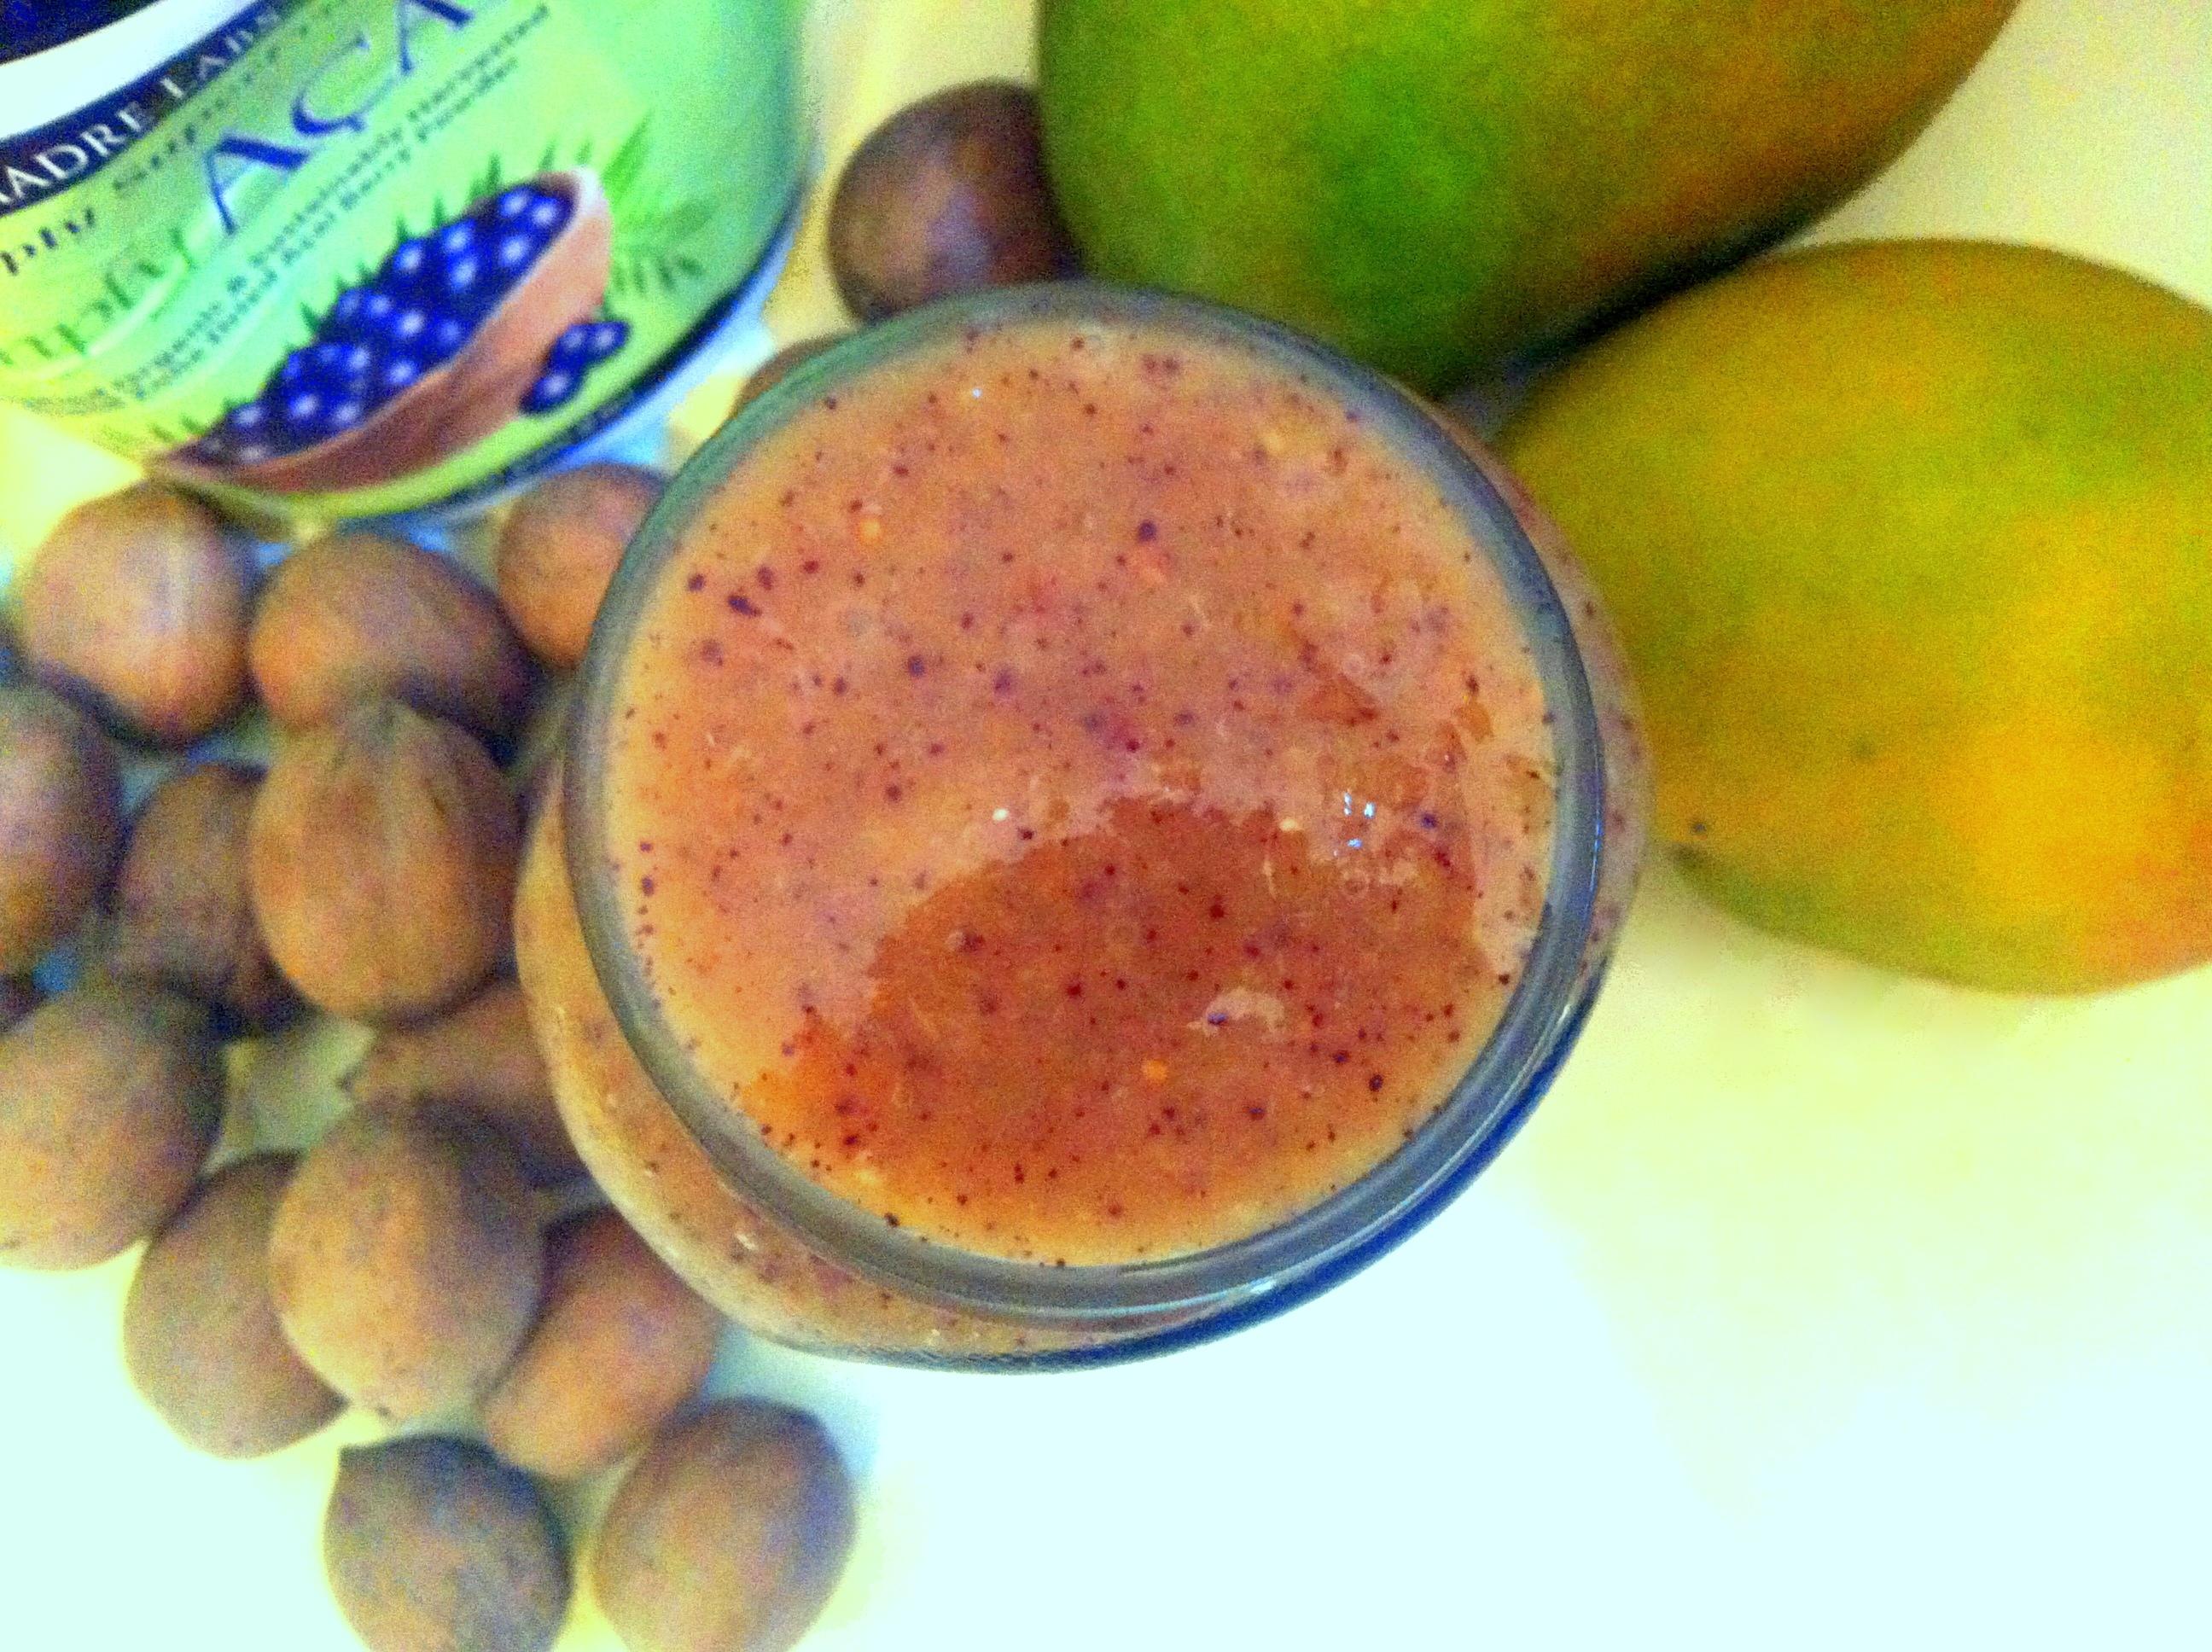 שייק אסאי תאנים – שייק בלי בננות! מתכונים טבעוניים השוחטת הטבעונית יעלי שוחט http://veganslaughterer.co.il